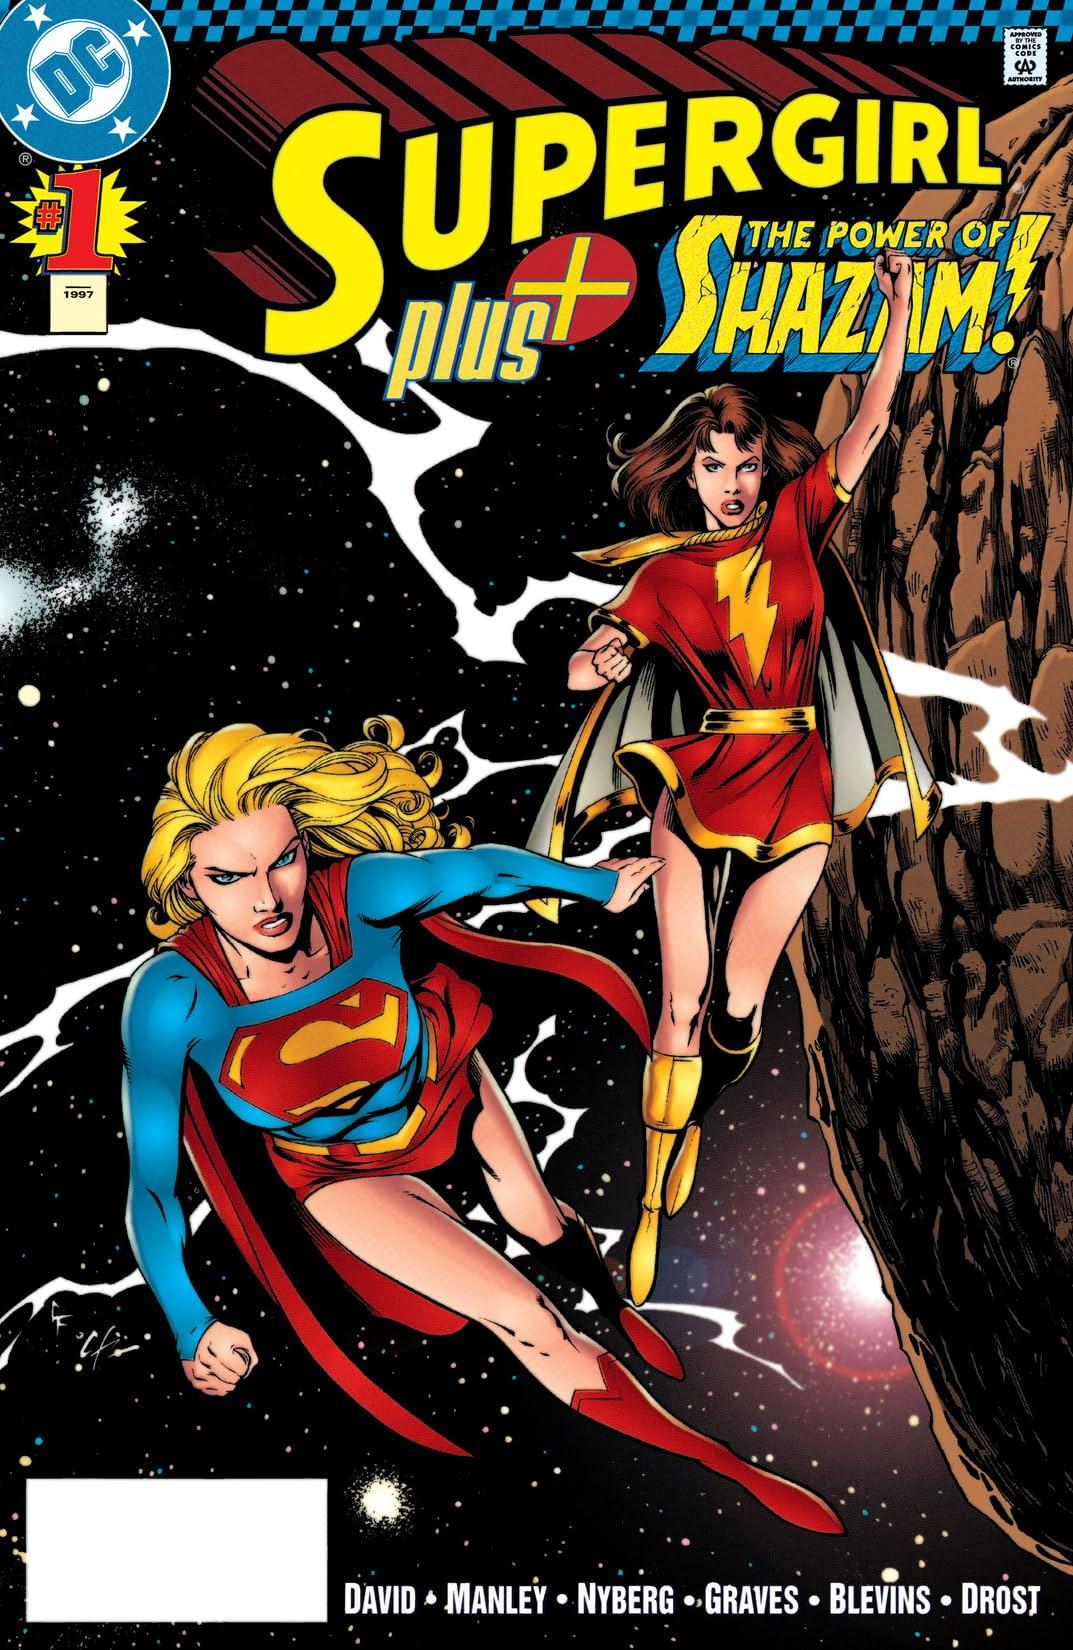 Supergirl Plus (1996) #1